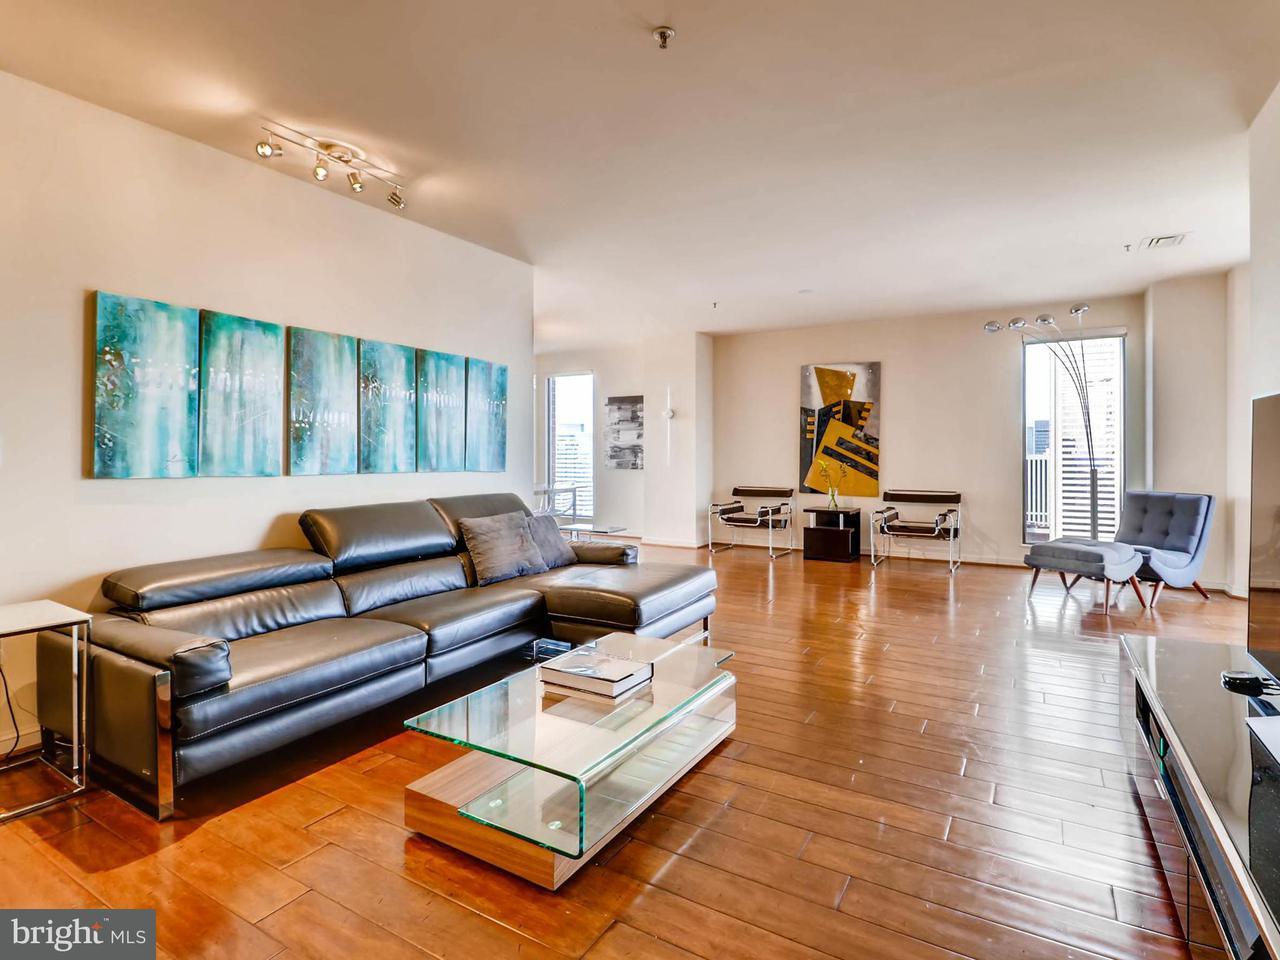 Eigentumswohnung für Verkauf beim 10 Lee St #2509 10 Lee St #2509 Baltimore, Maryland 21202 Vereinigte Staaten